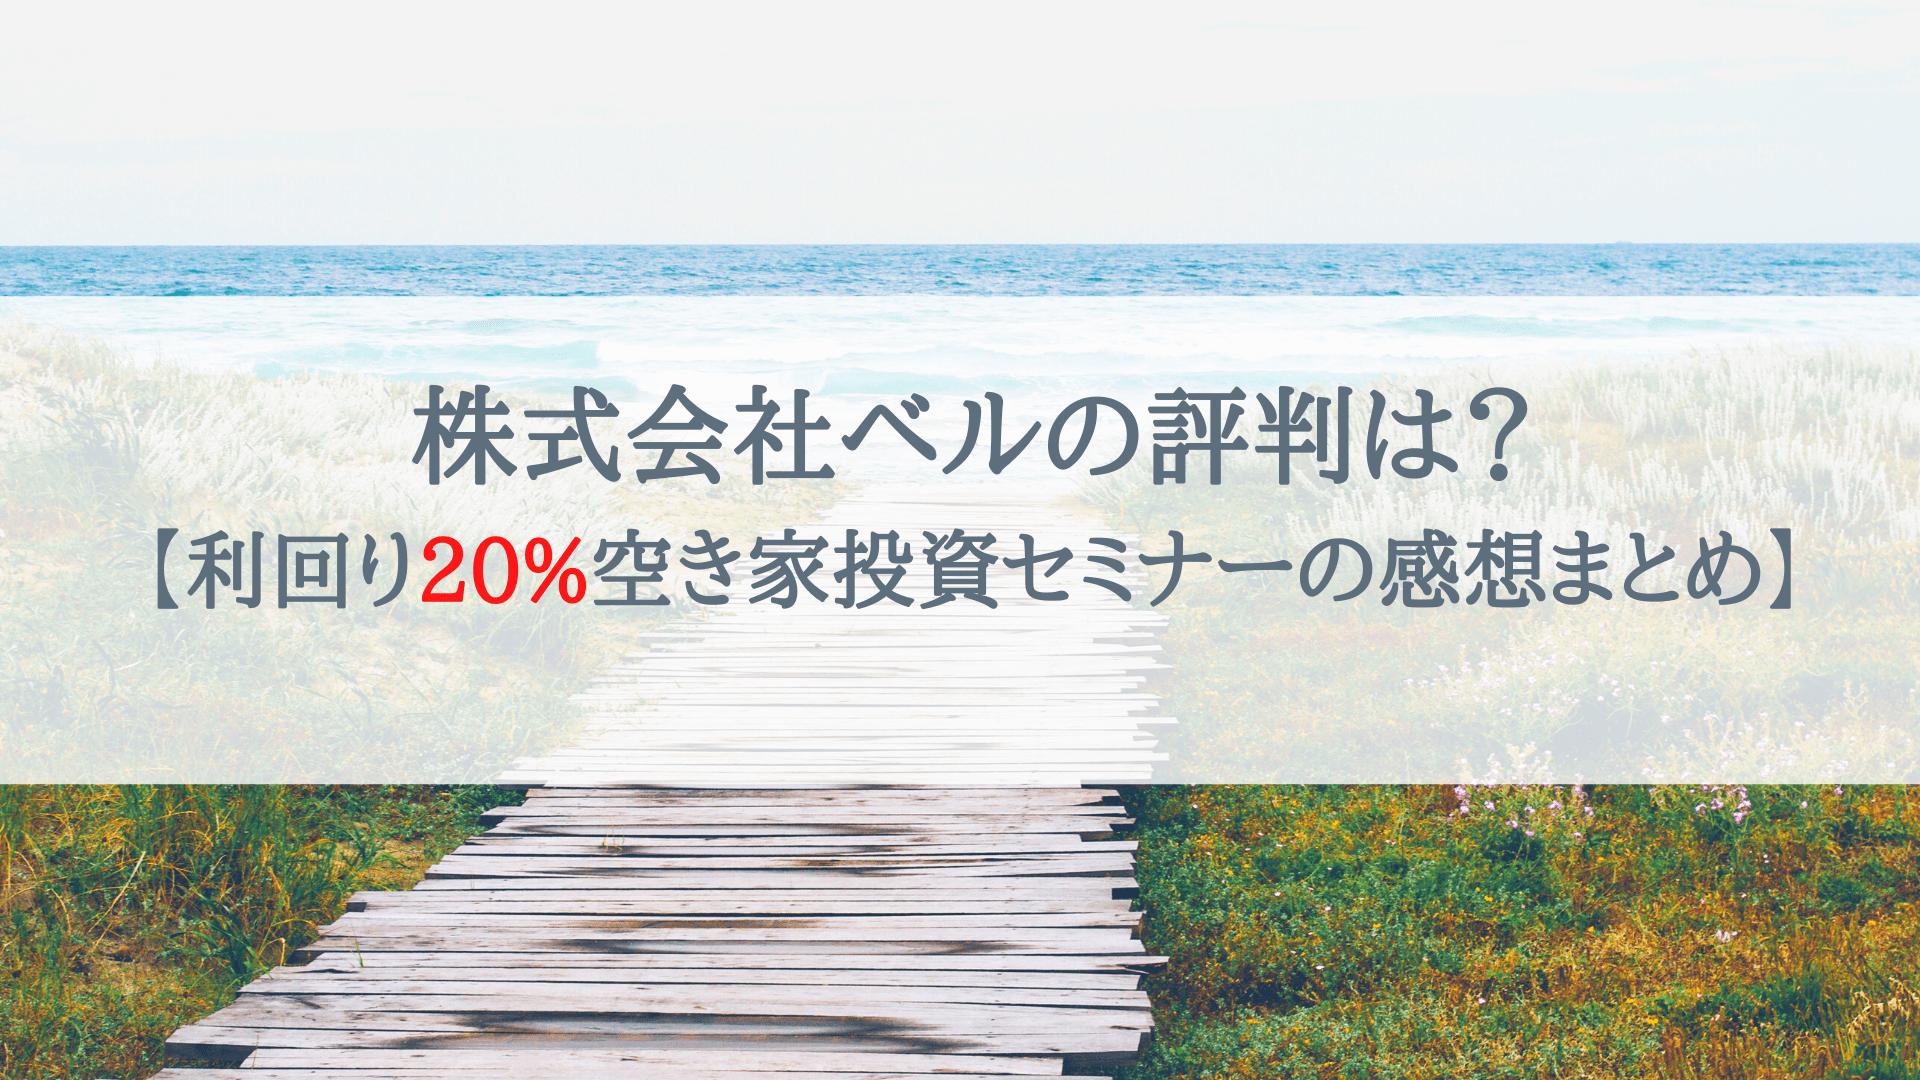 株式会社ベルの評判は?【利回り20%空き家投資セミナーの感想まとめ】